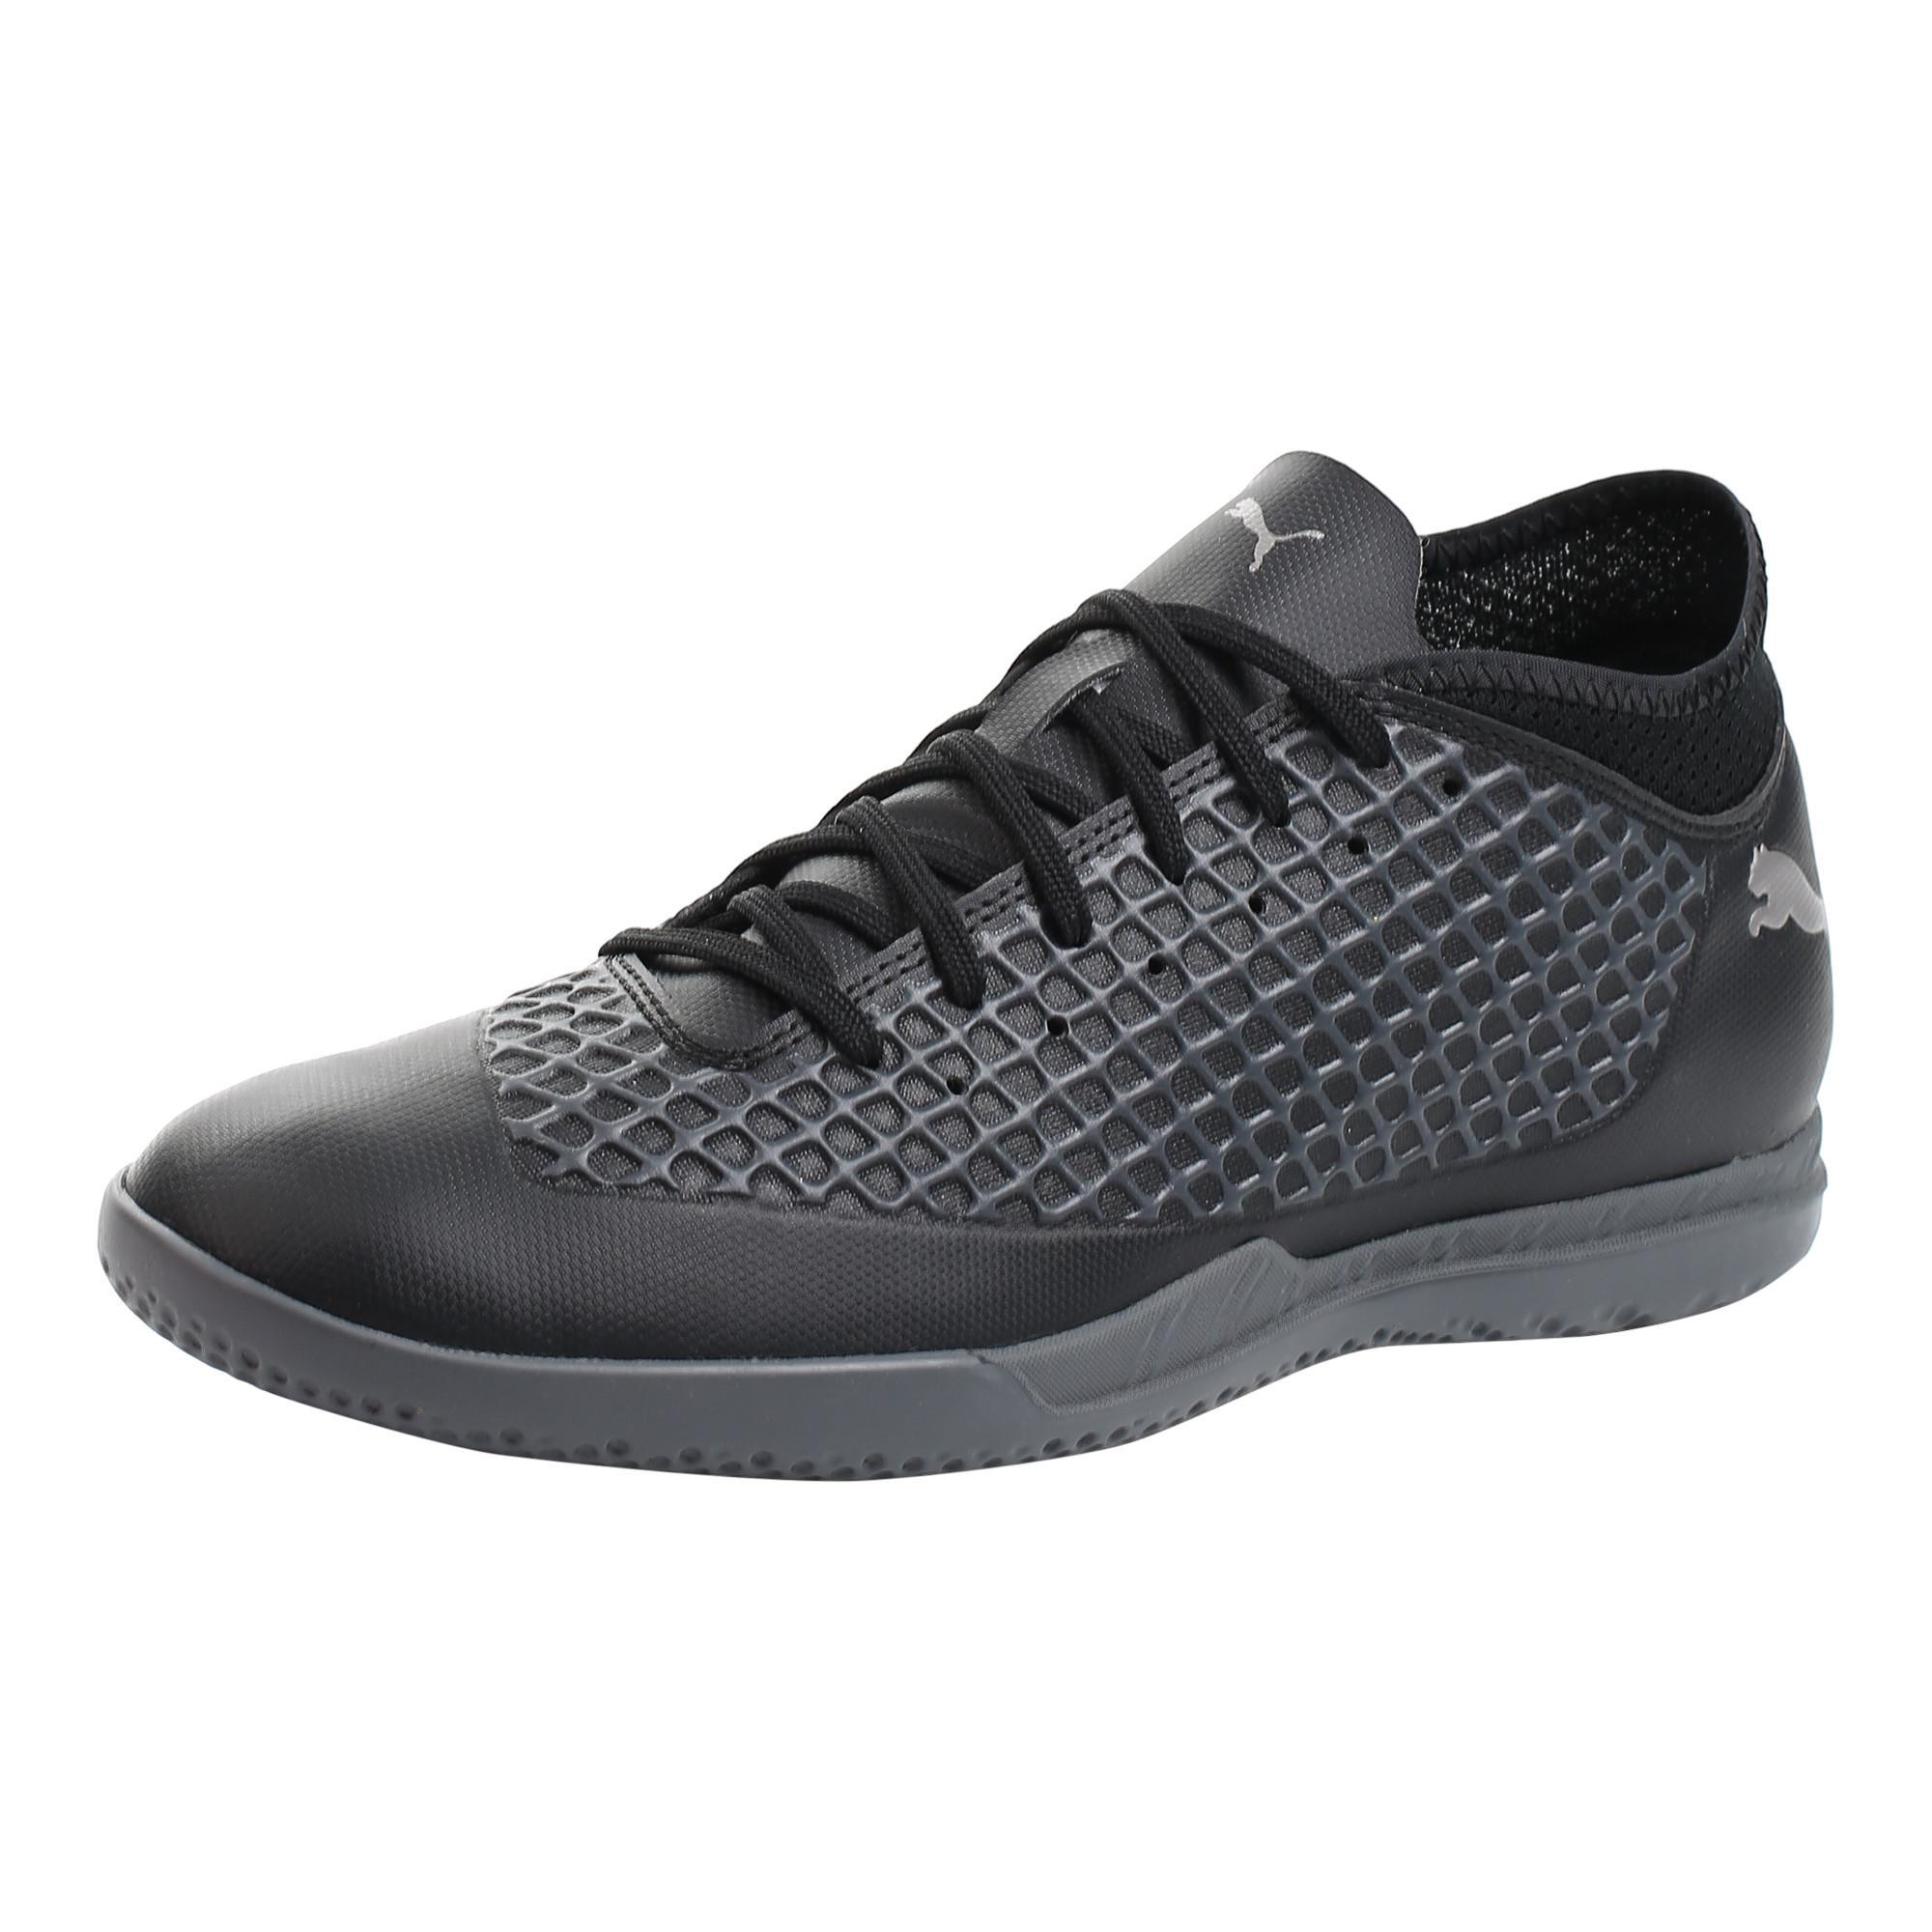 Puma sepatu futsal Future 2.4 IT - 10484203 - hitam 4cff43fb8d